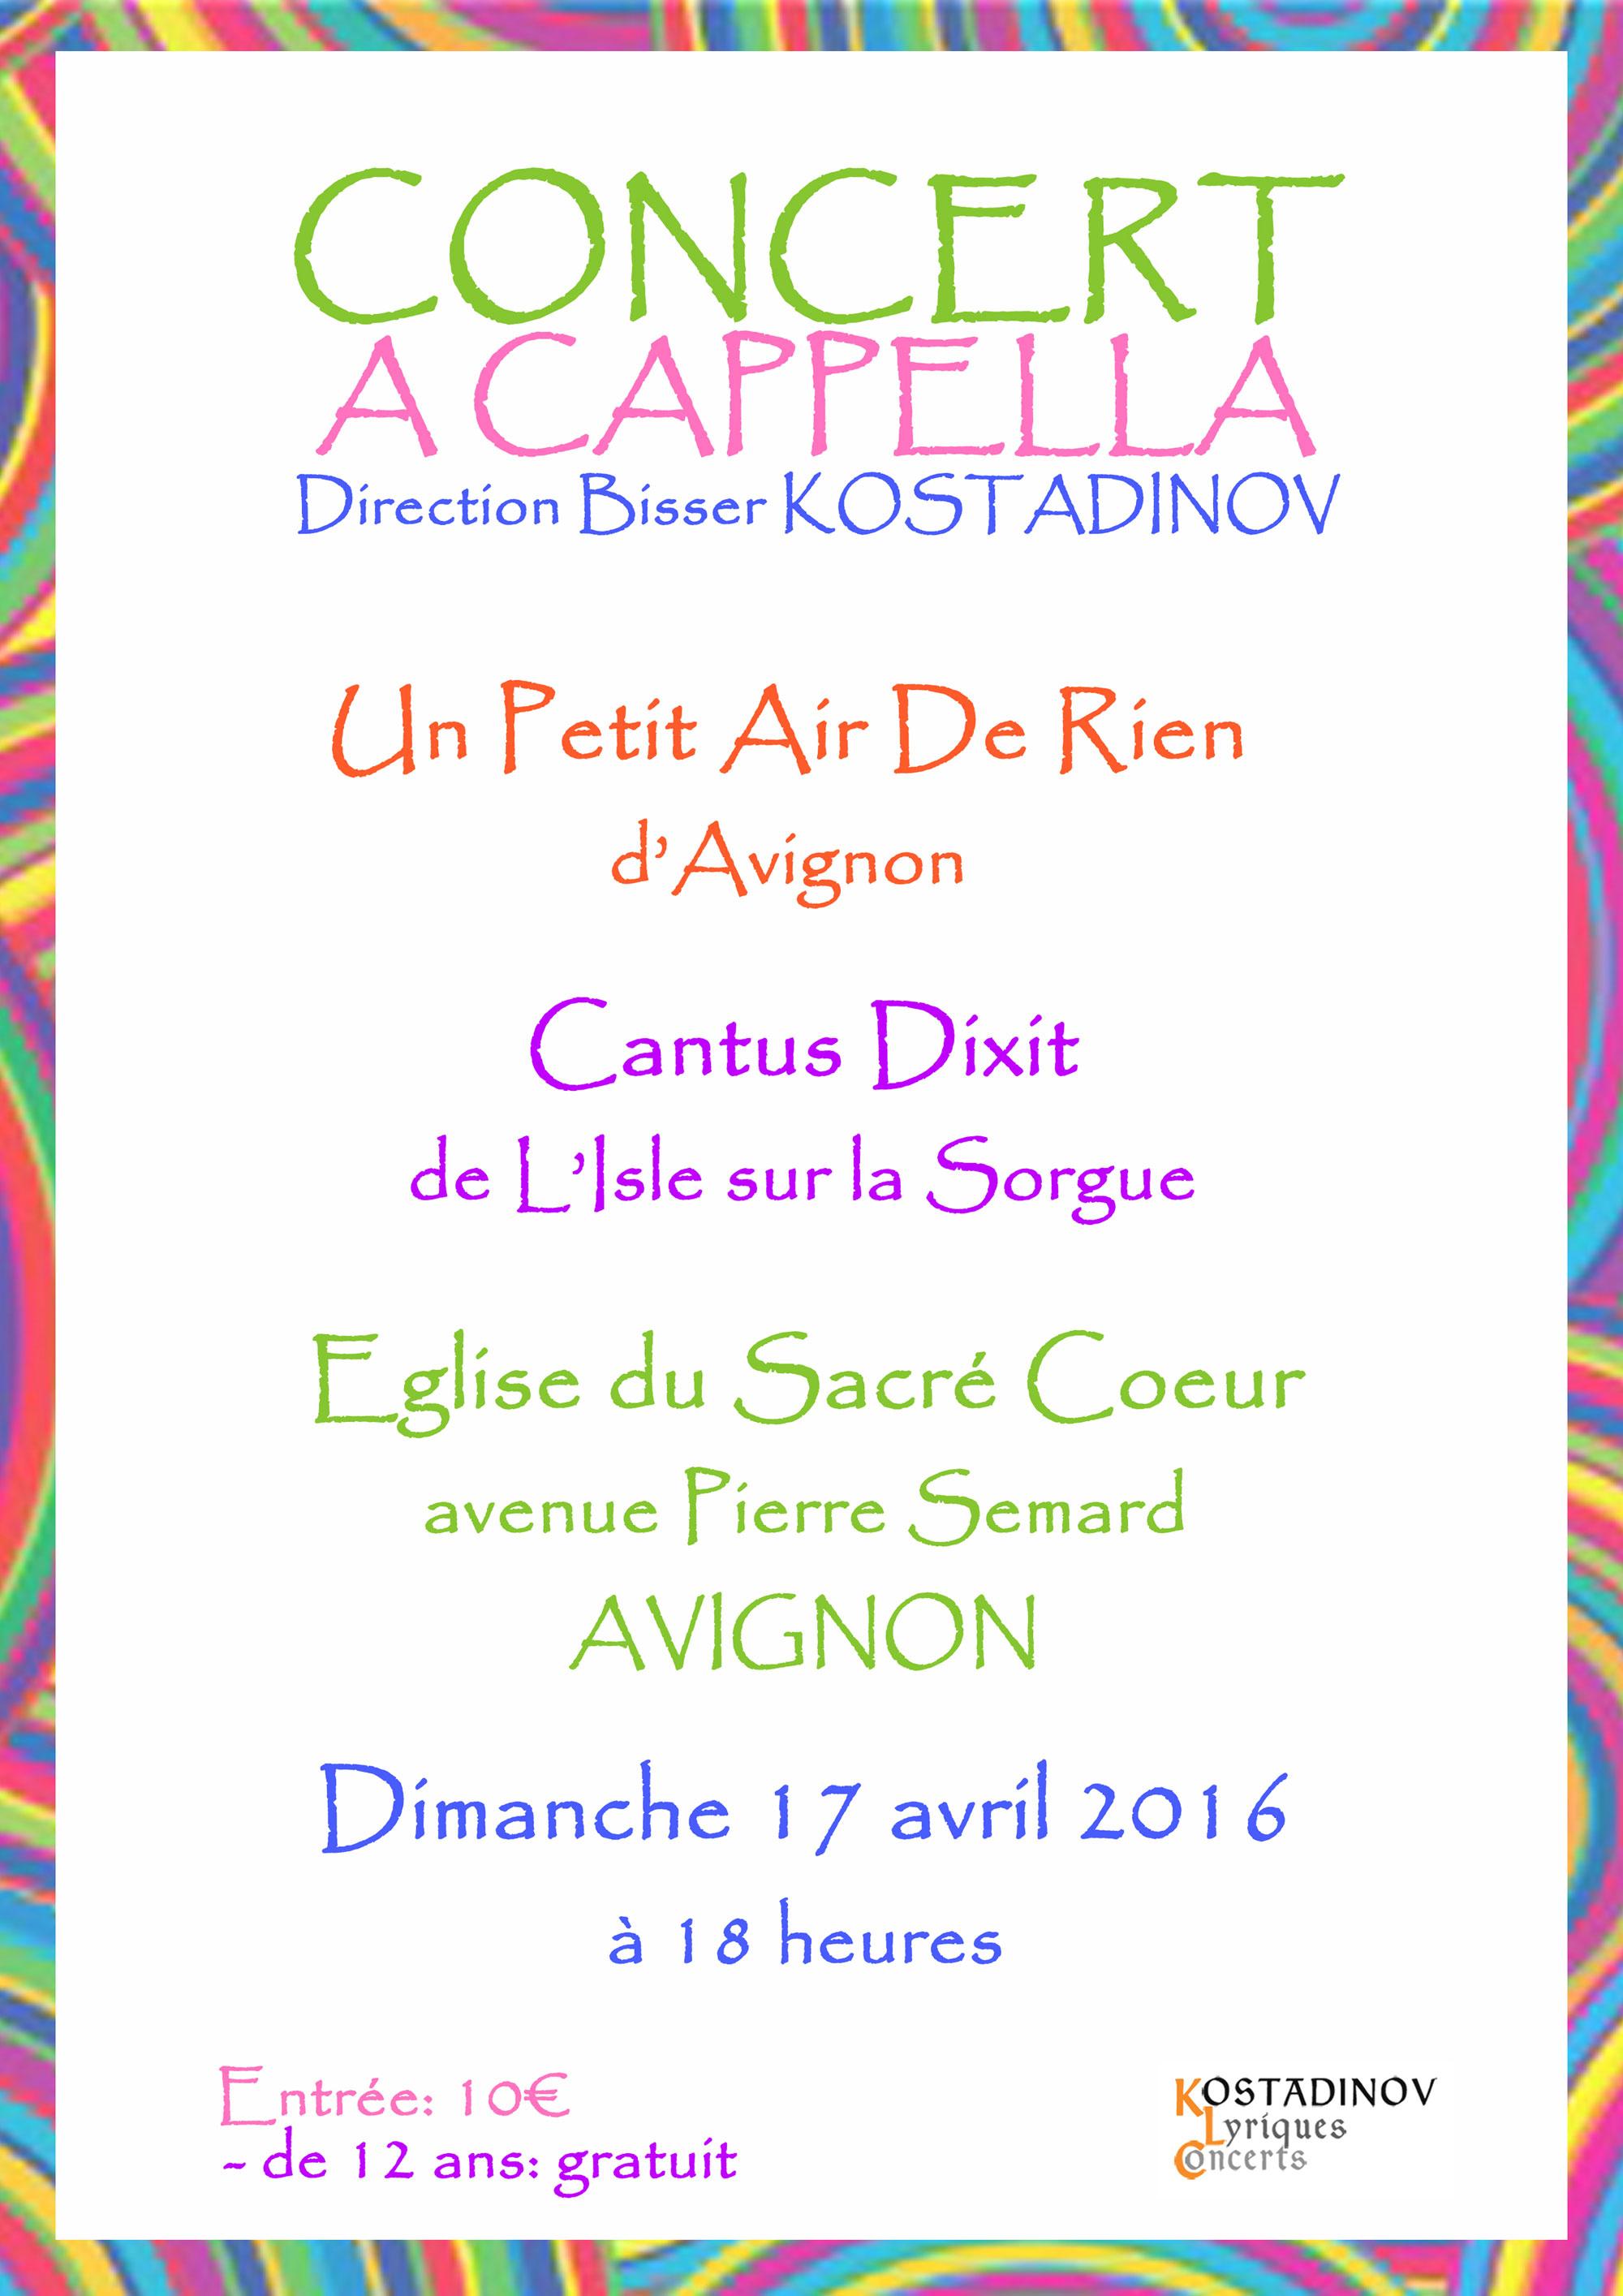 affiche du concert au Sacré Coeur en Avignon